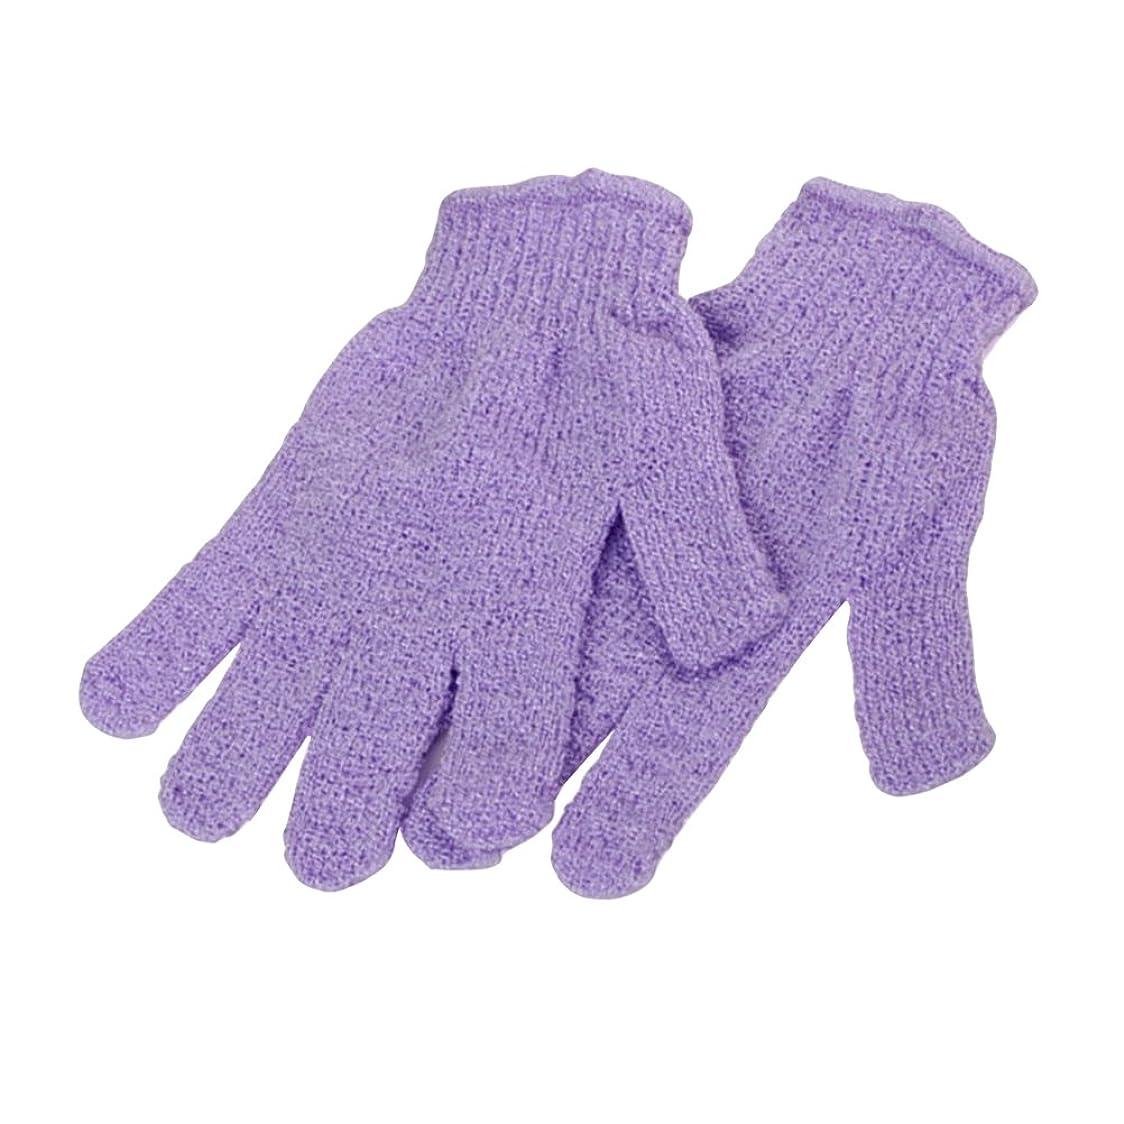 風邪をひく自信があるニックネームSUPVOX 2対のシャワー用手袋浴体剥離手袋(ランダムカラー)